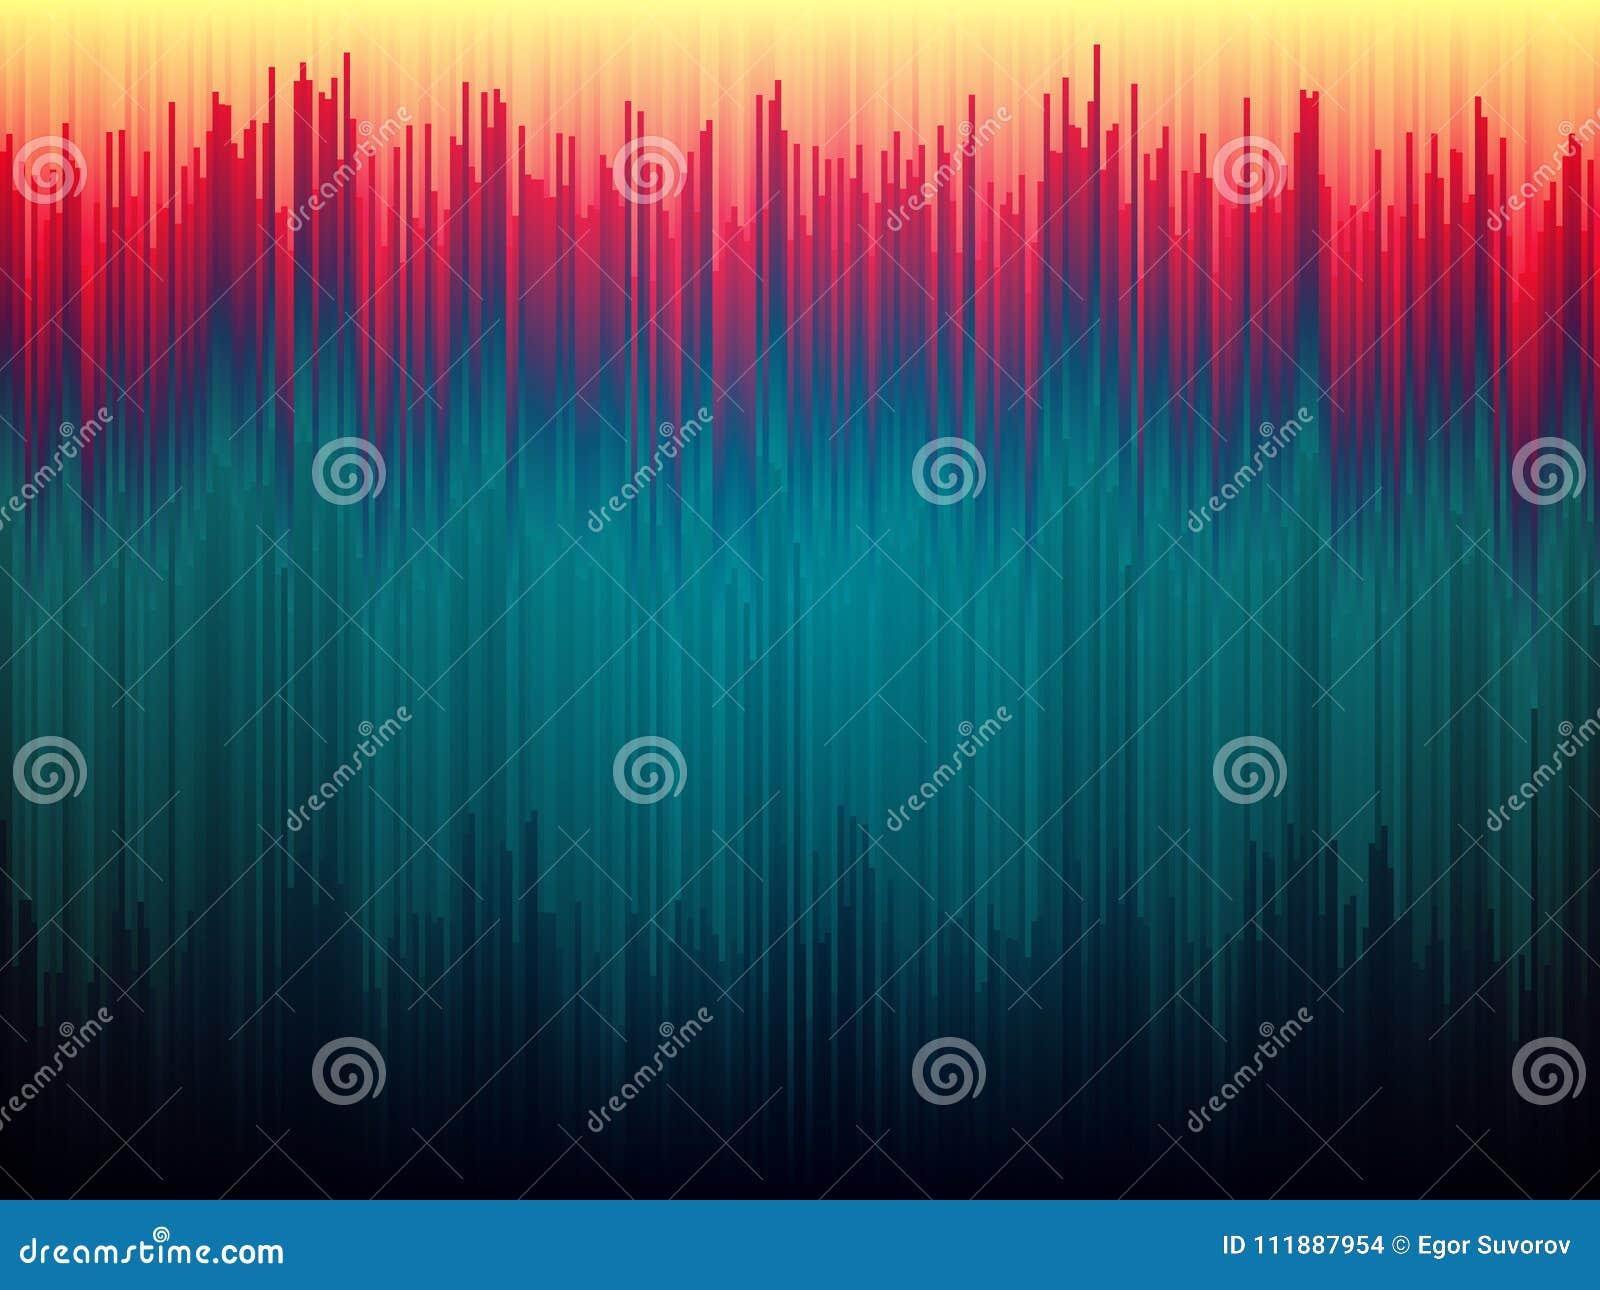 Störschubhintergrund Bilddatenverzerrung Farbabstrakte Linien Konzept Vertikale Streifen Glitched Steigungsformen